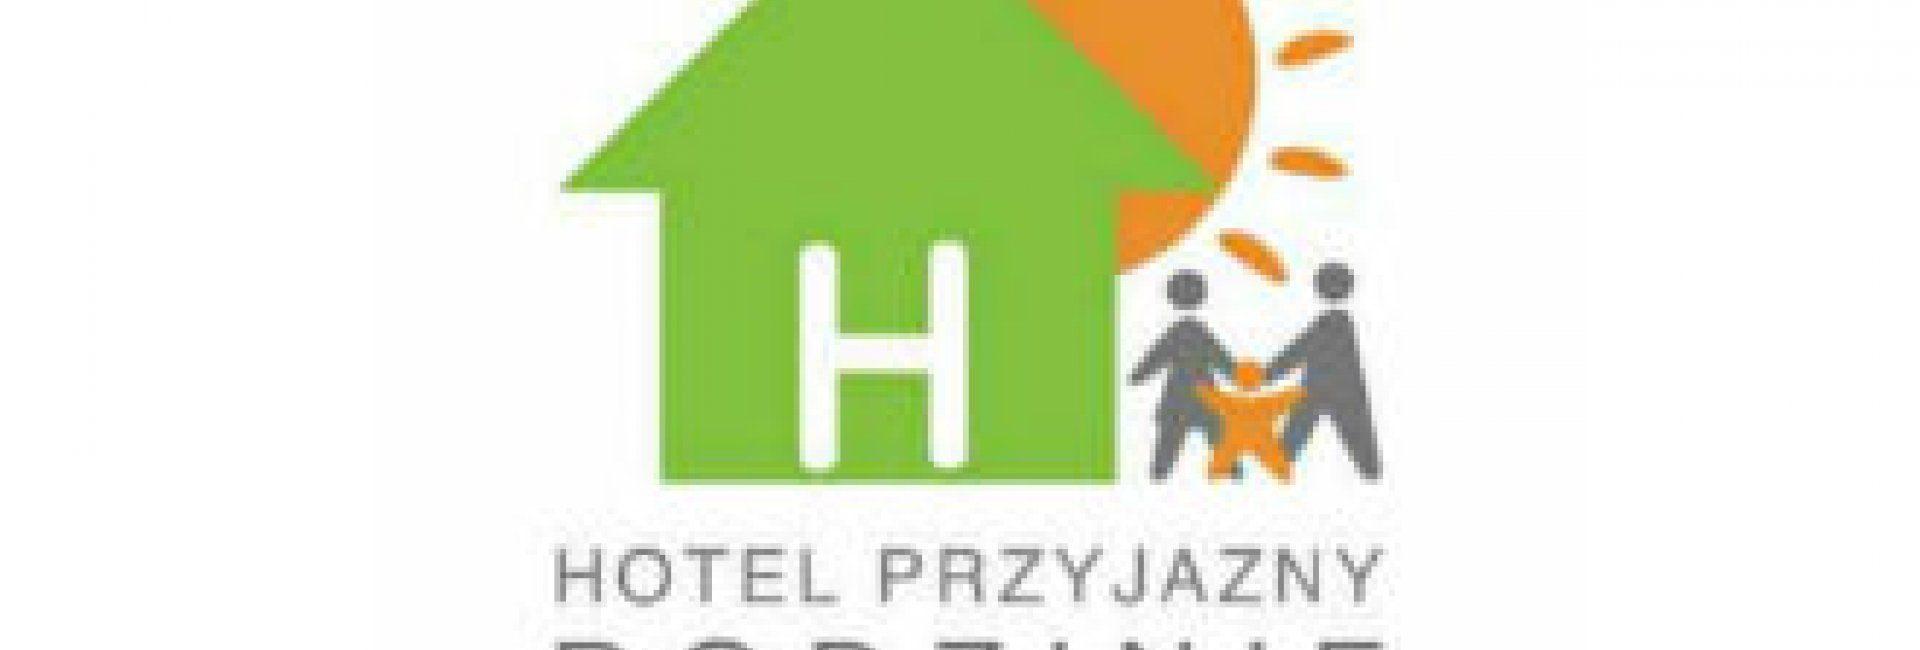 Hotel Przyjazny Rodzinie VIII EDYCJA 2015/2016